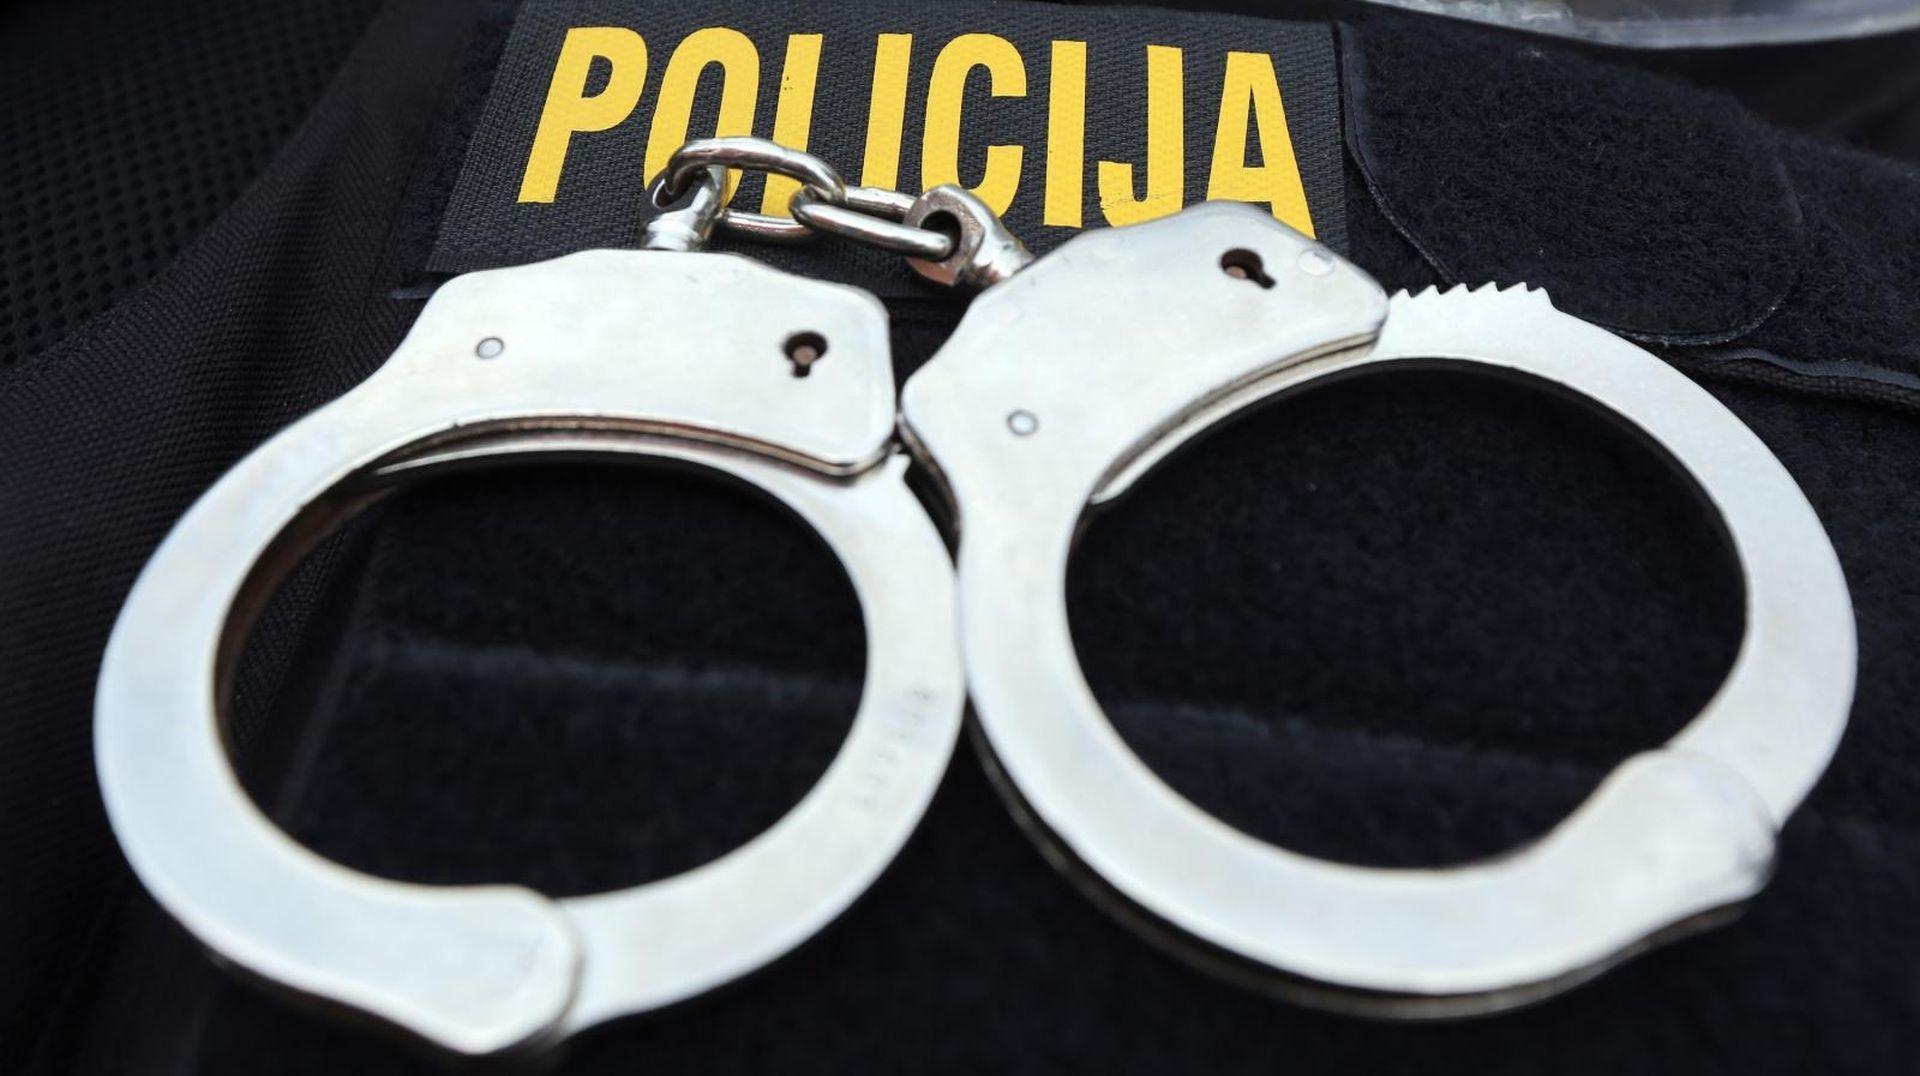 Uhićen muškarac koji je 12 godina iznuđivao zagrebačke supružnike